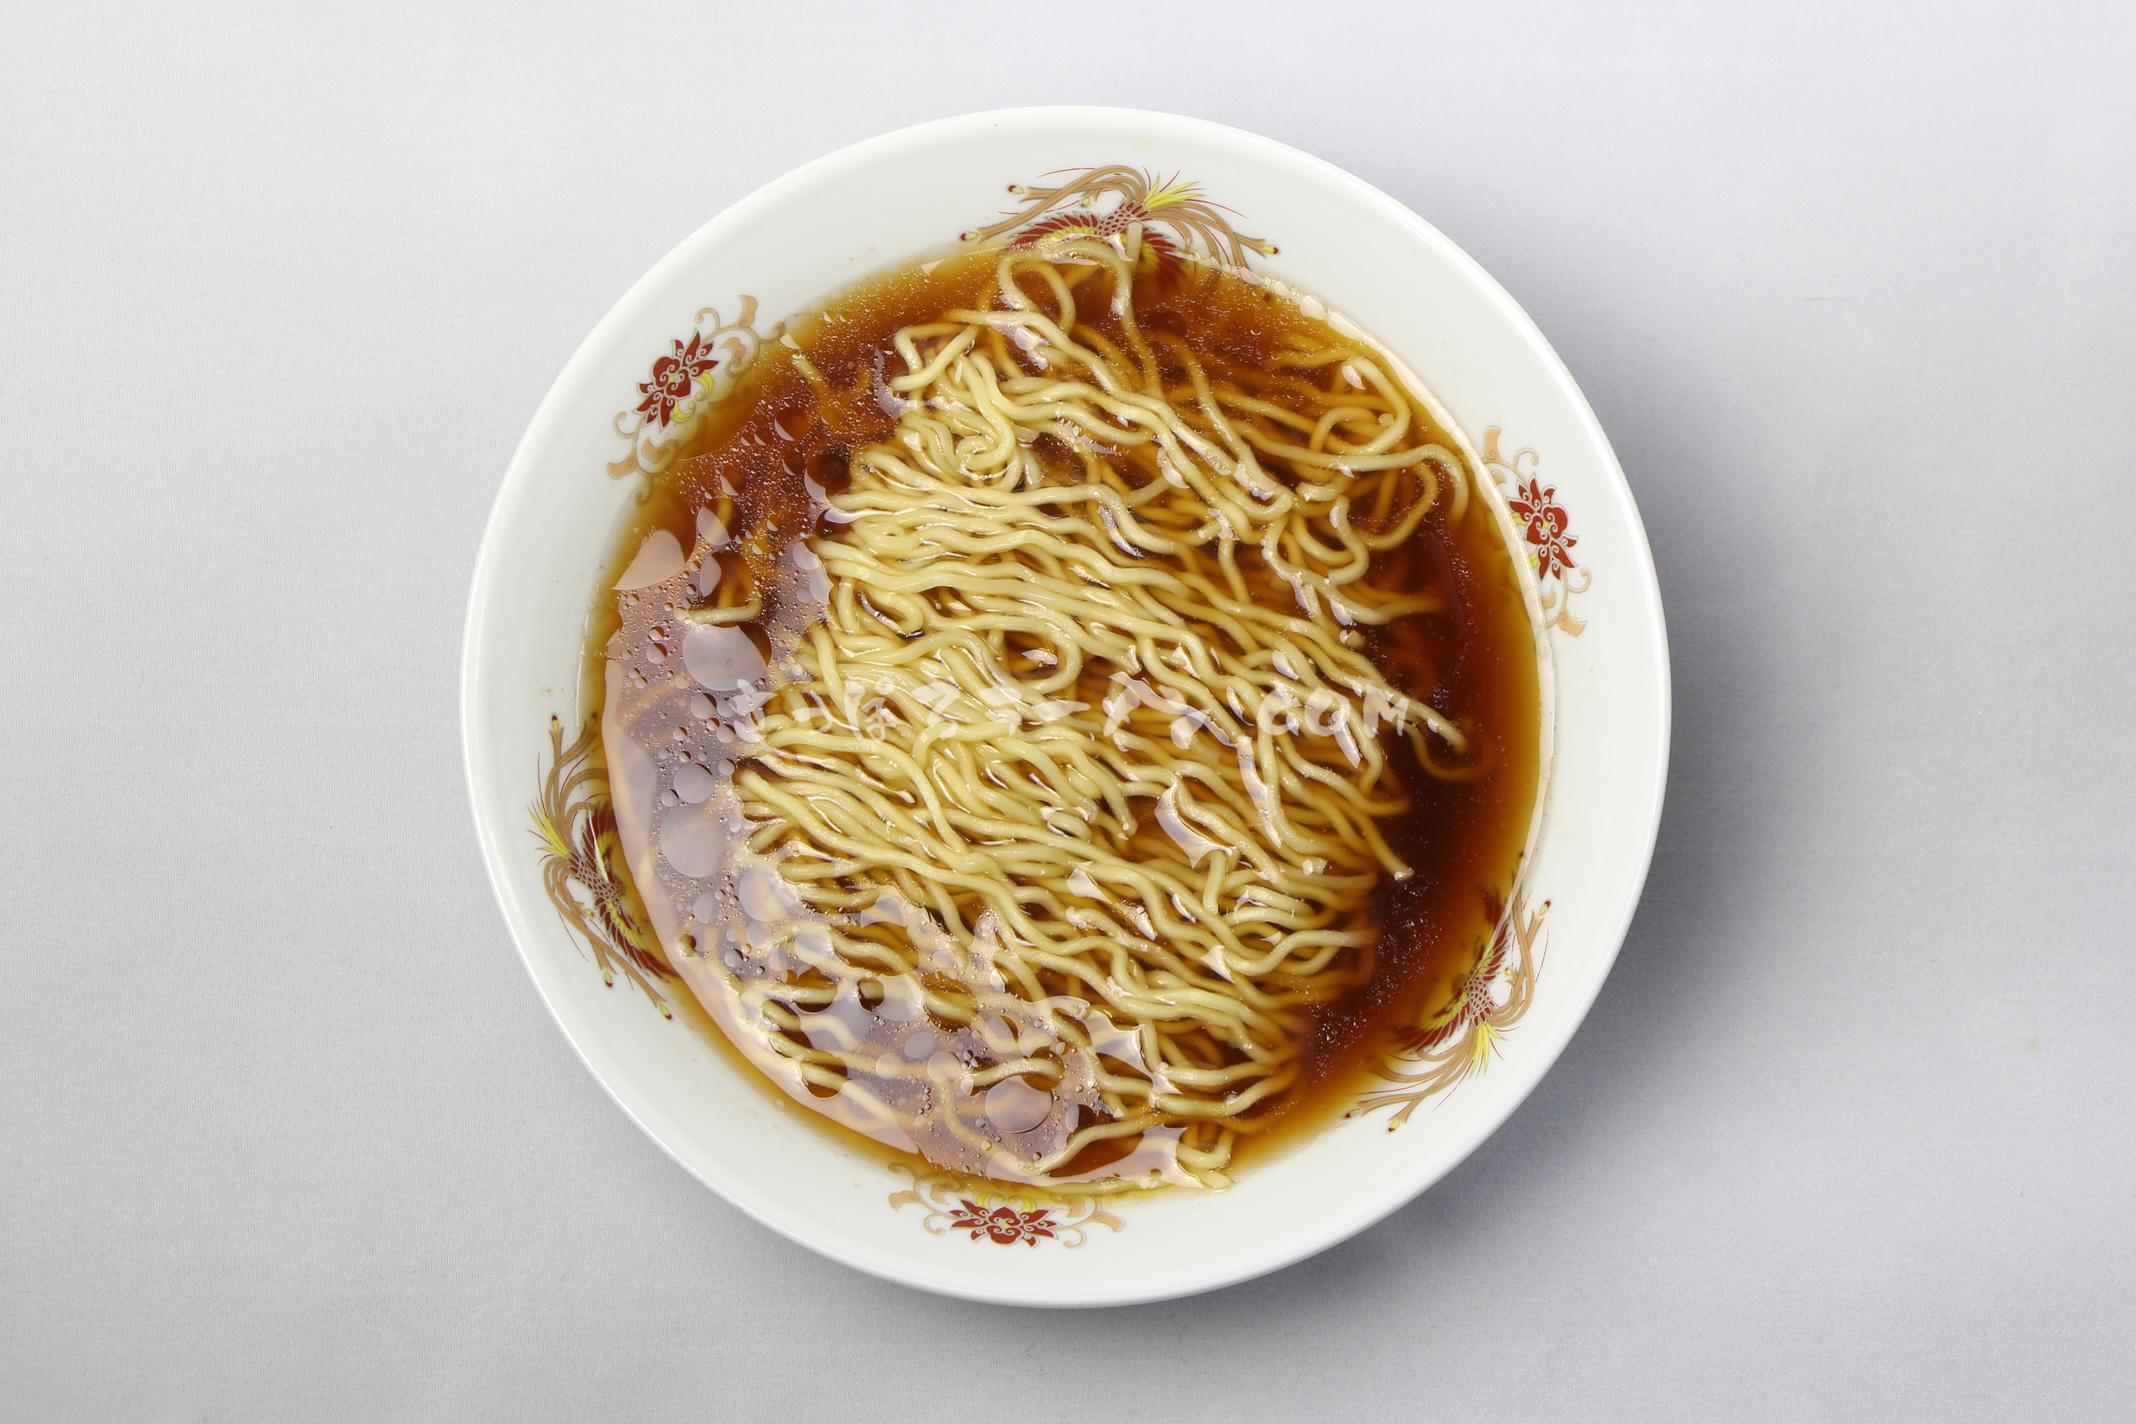 「ふらのラーメン(しょうゆ味)」(佐々木製麺所)の完成画像